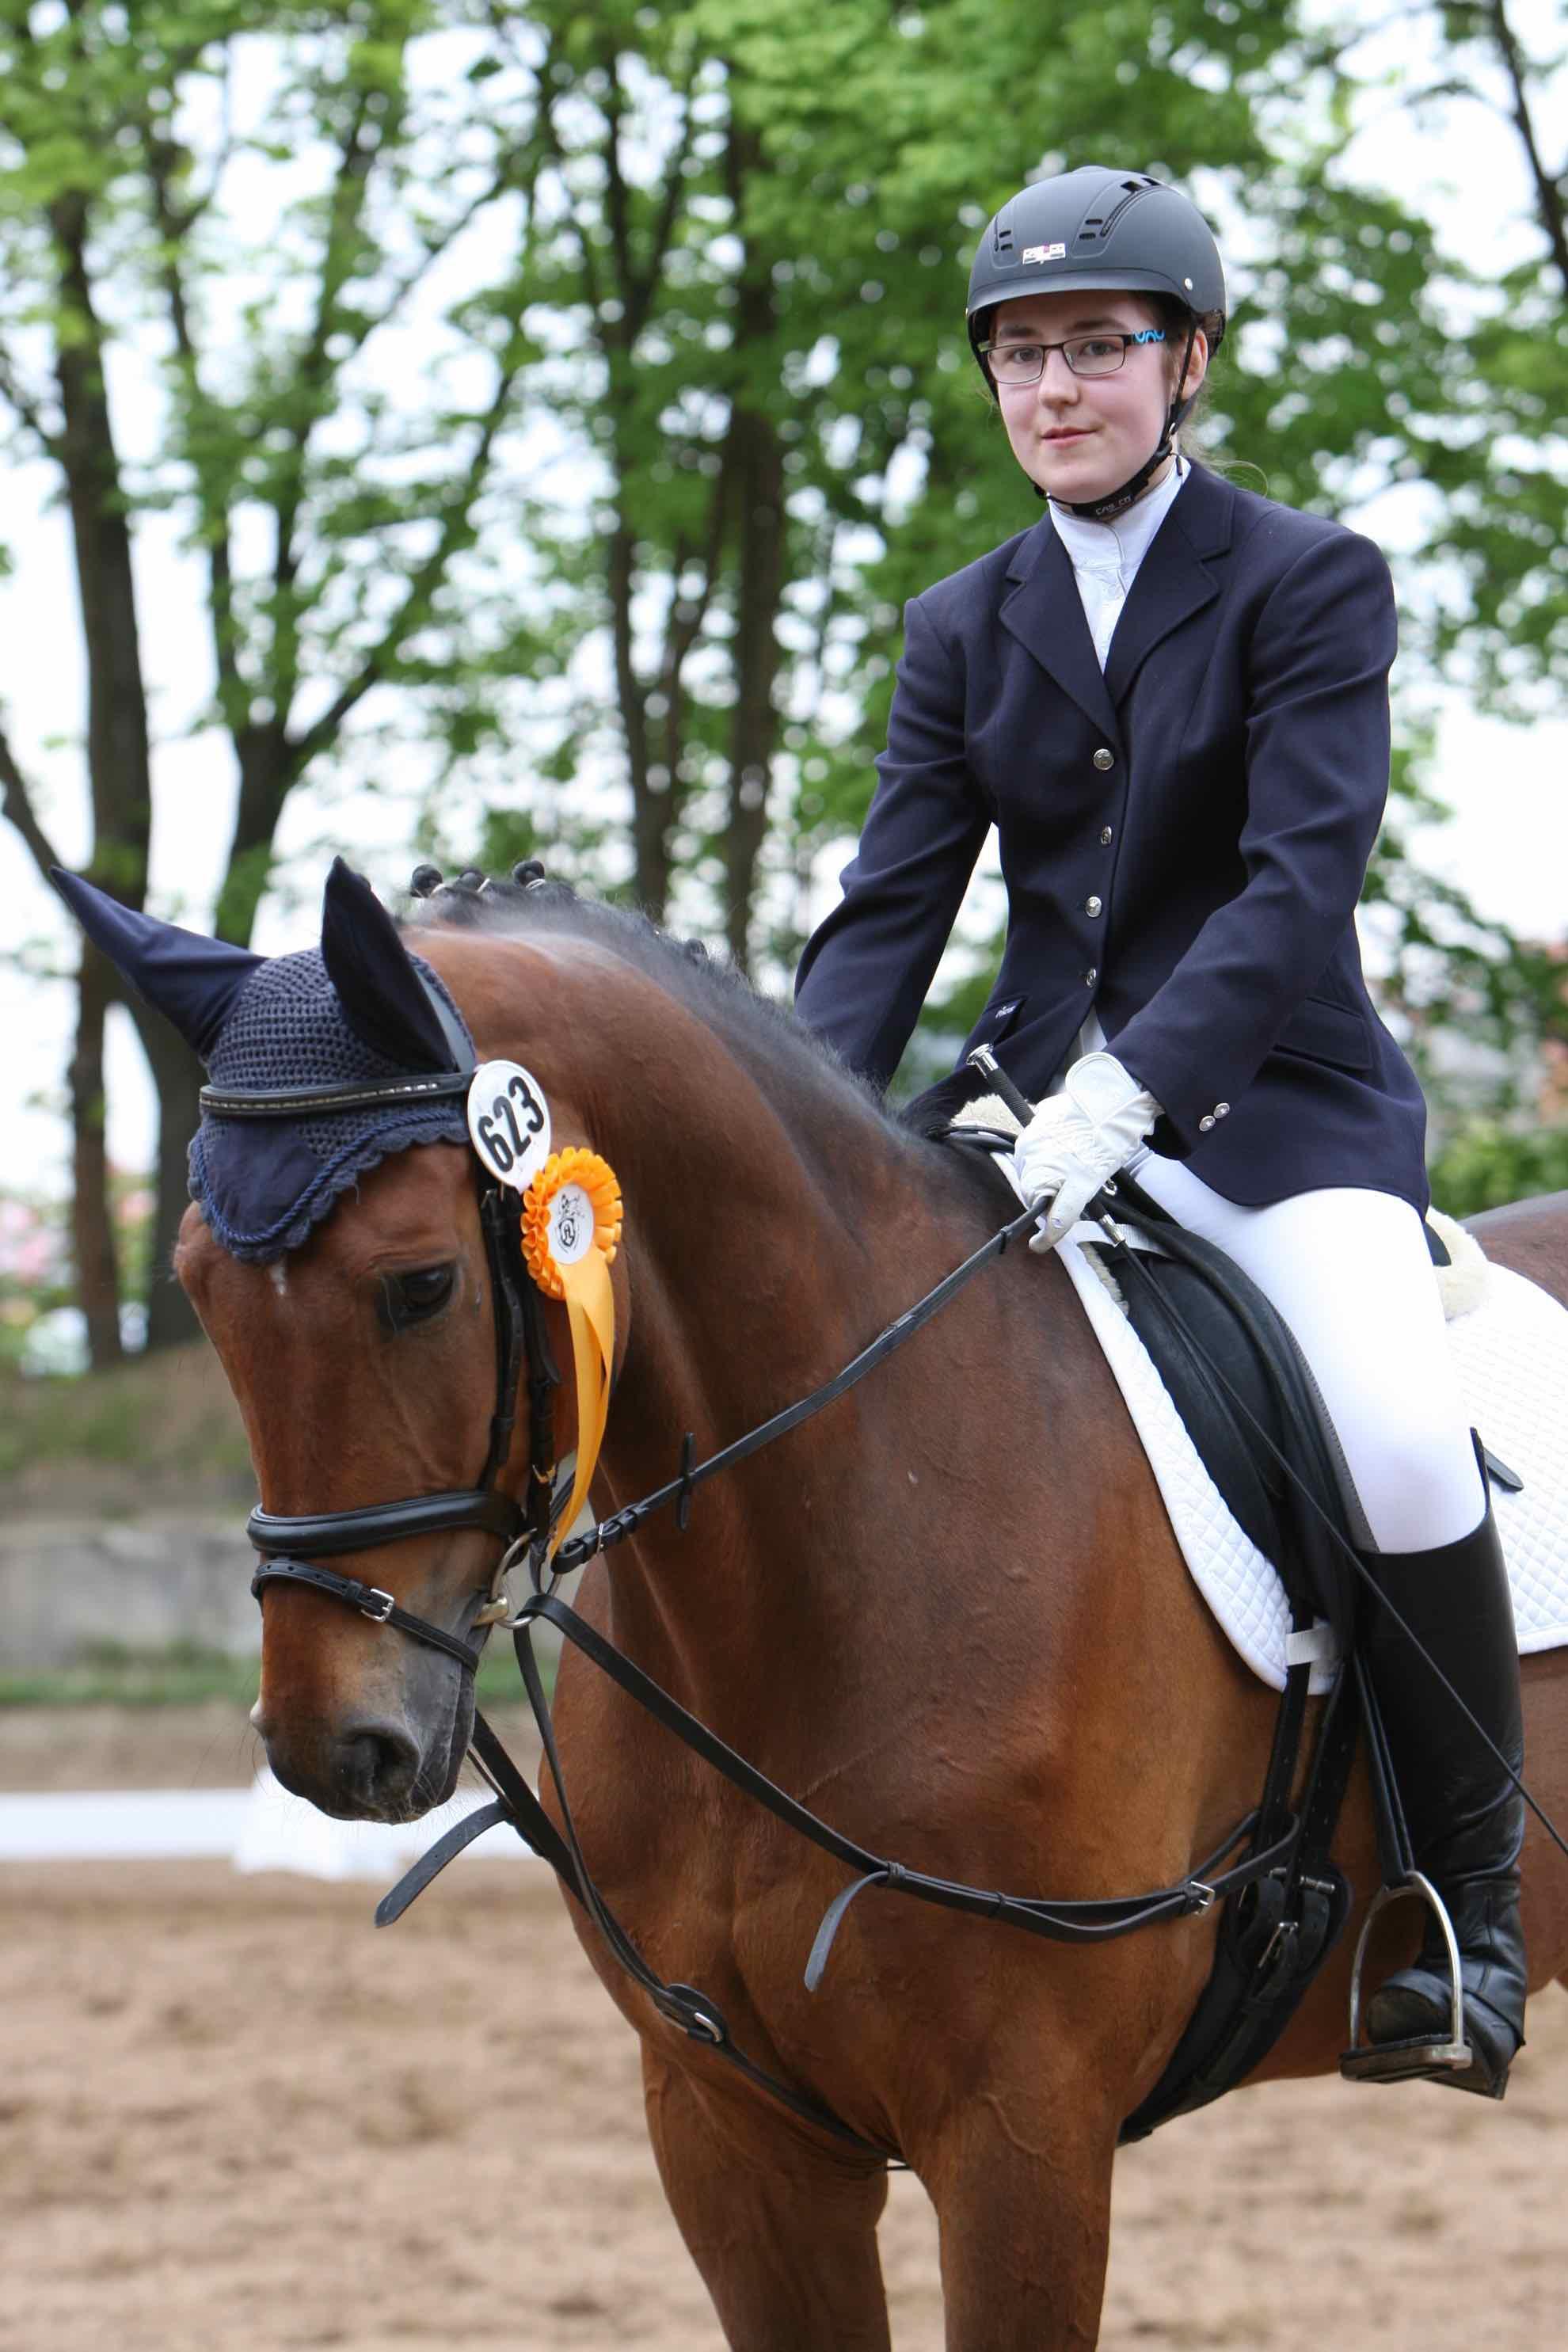 Prüfung 26 Dressurreiter Wettbewerb - 1. Platz - Emely Röschner auf Cabon - RFV Griesheim e.V.